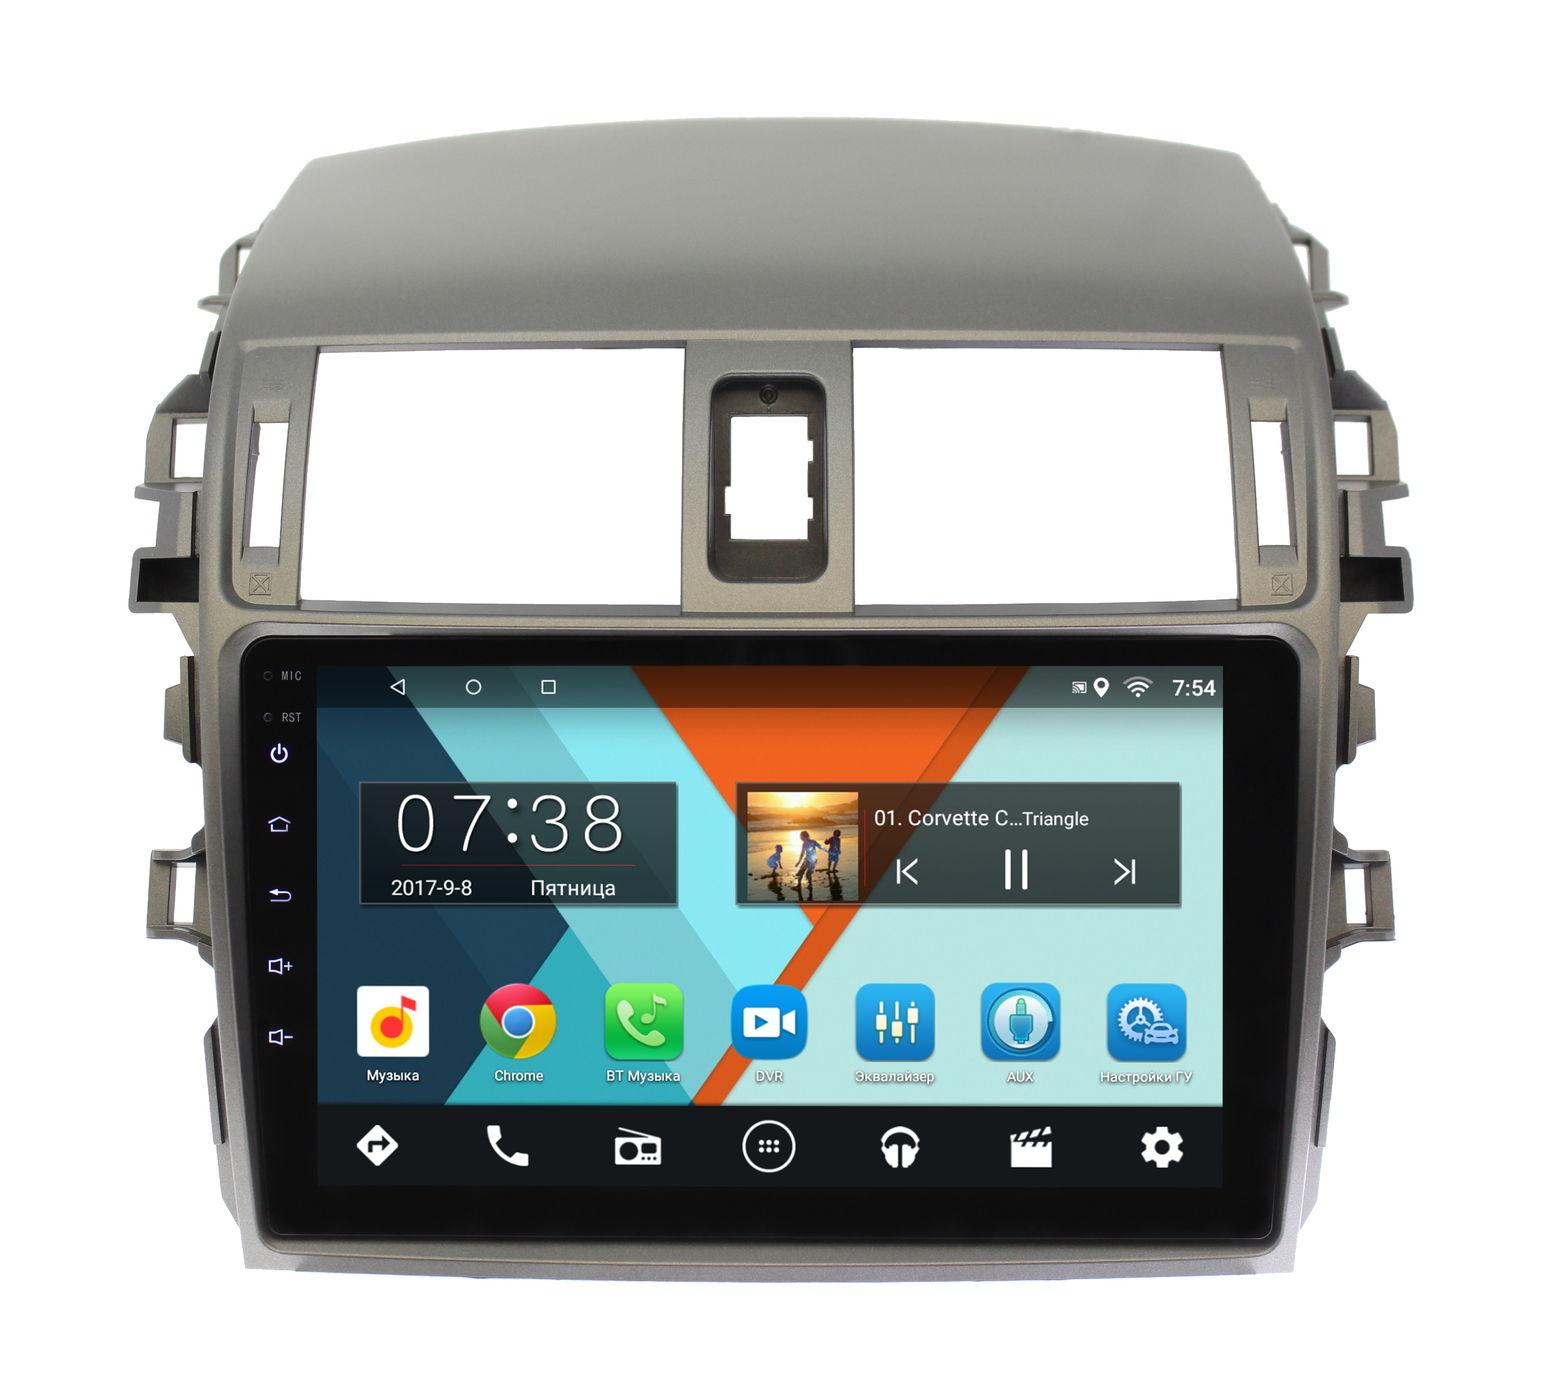 Штатная магнитола Wide Media MT9061MF для Toyota Corolla X 2006-2013 на Android 6.0.1